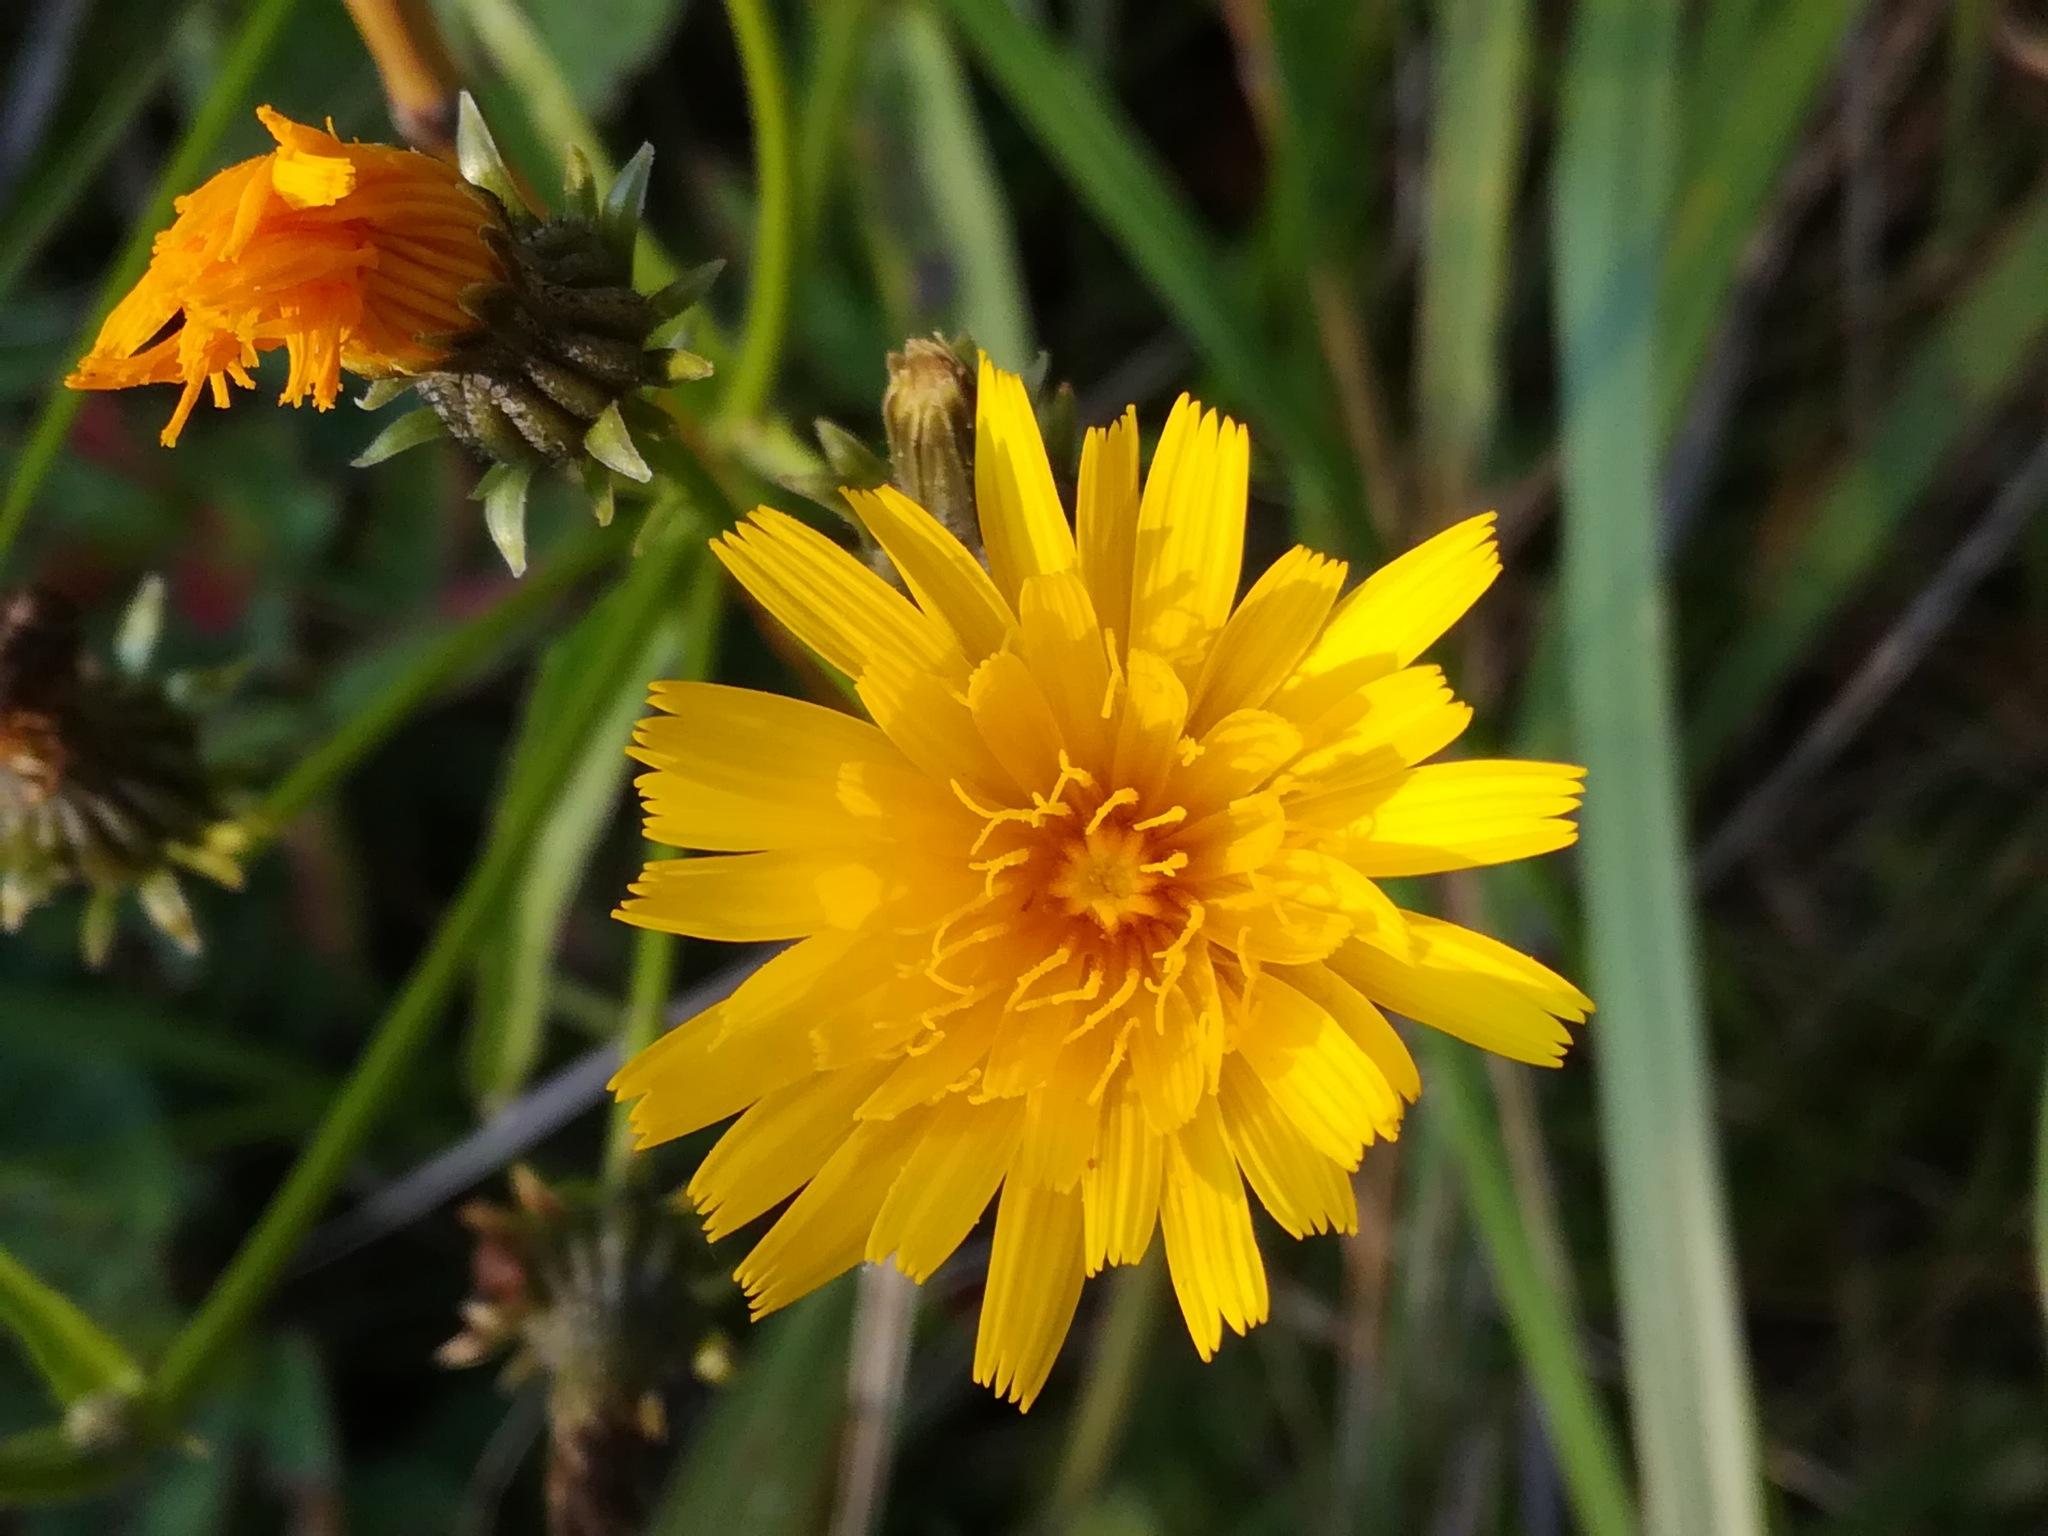 Flower with buds by uzkuraitiene62